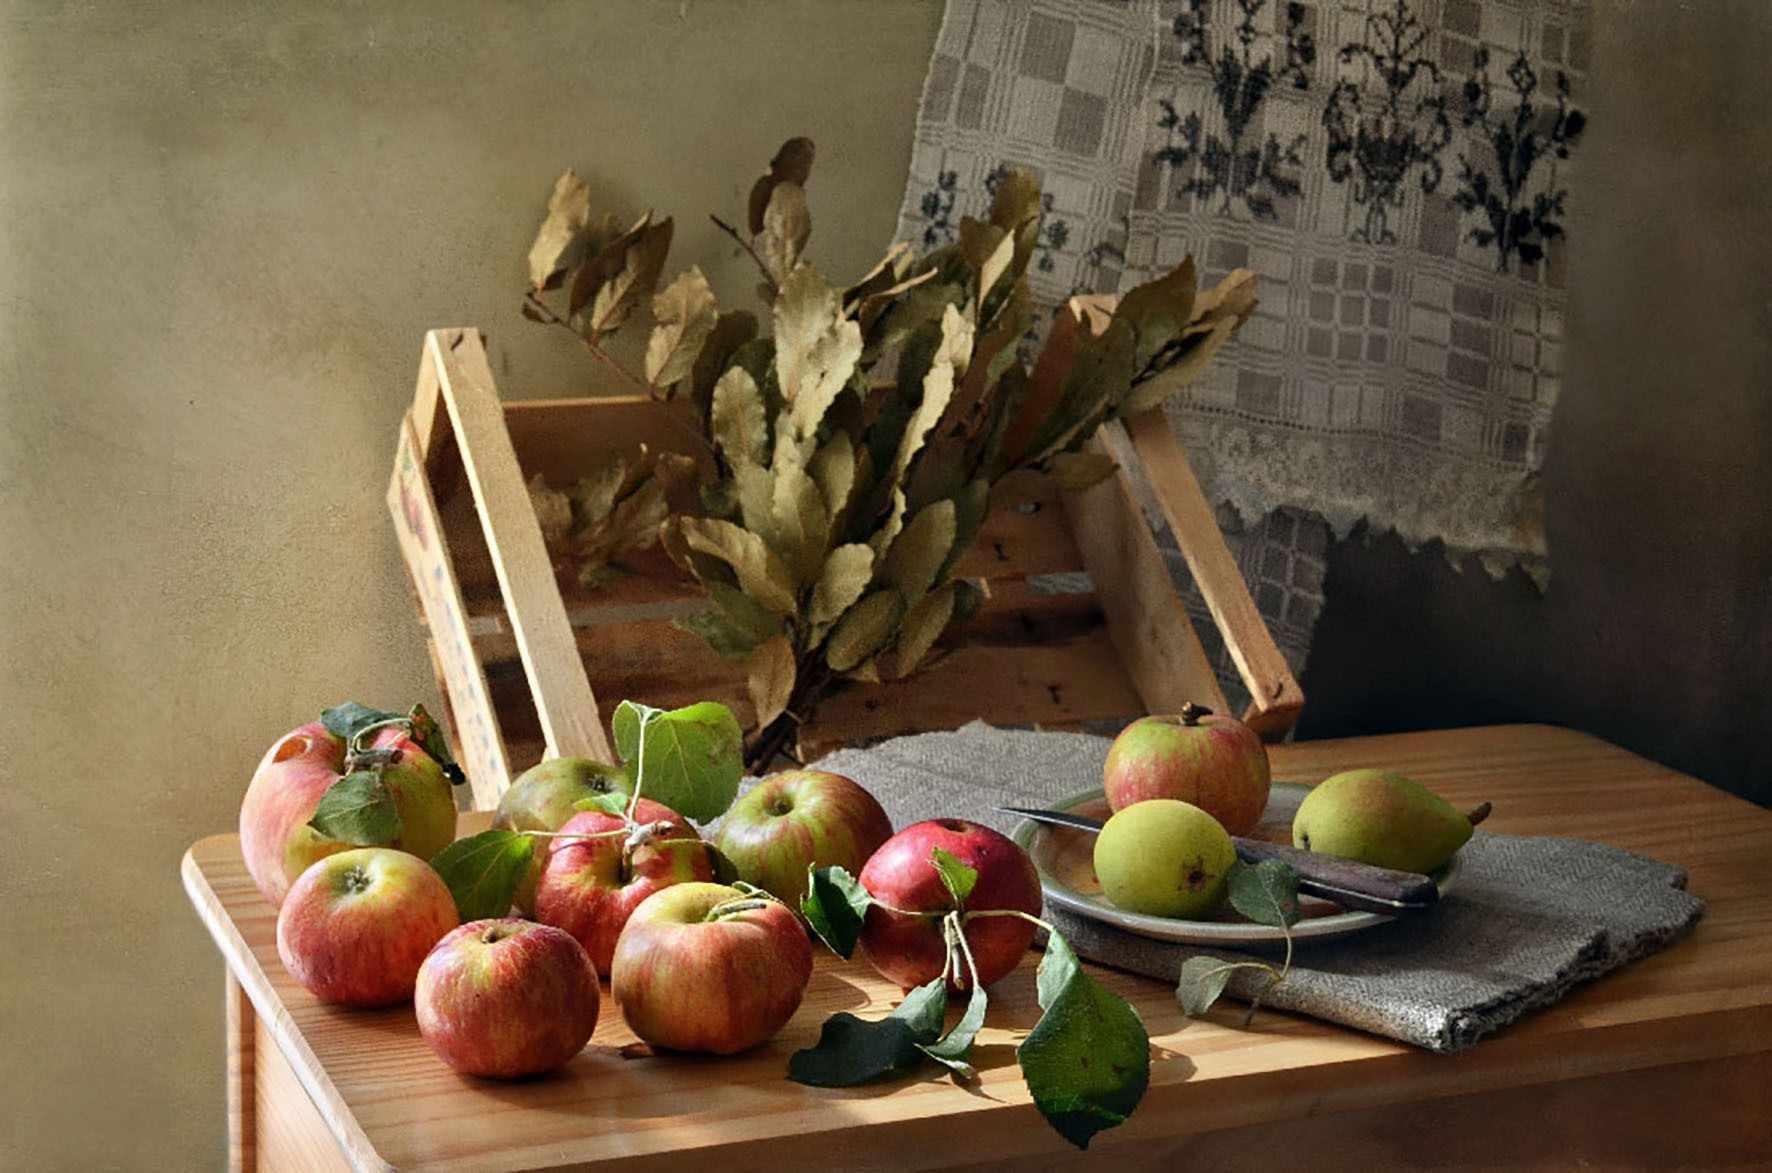 П48 Яблоки на столе